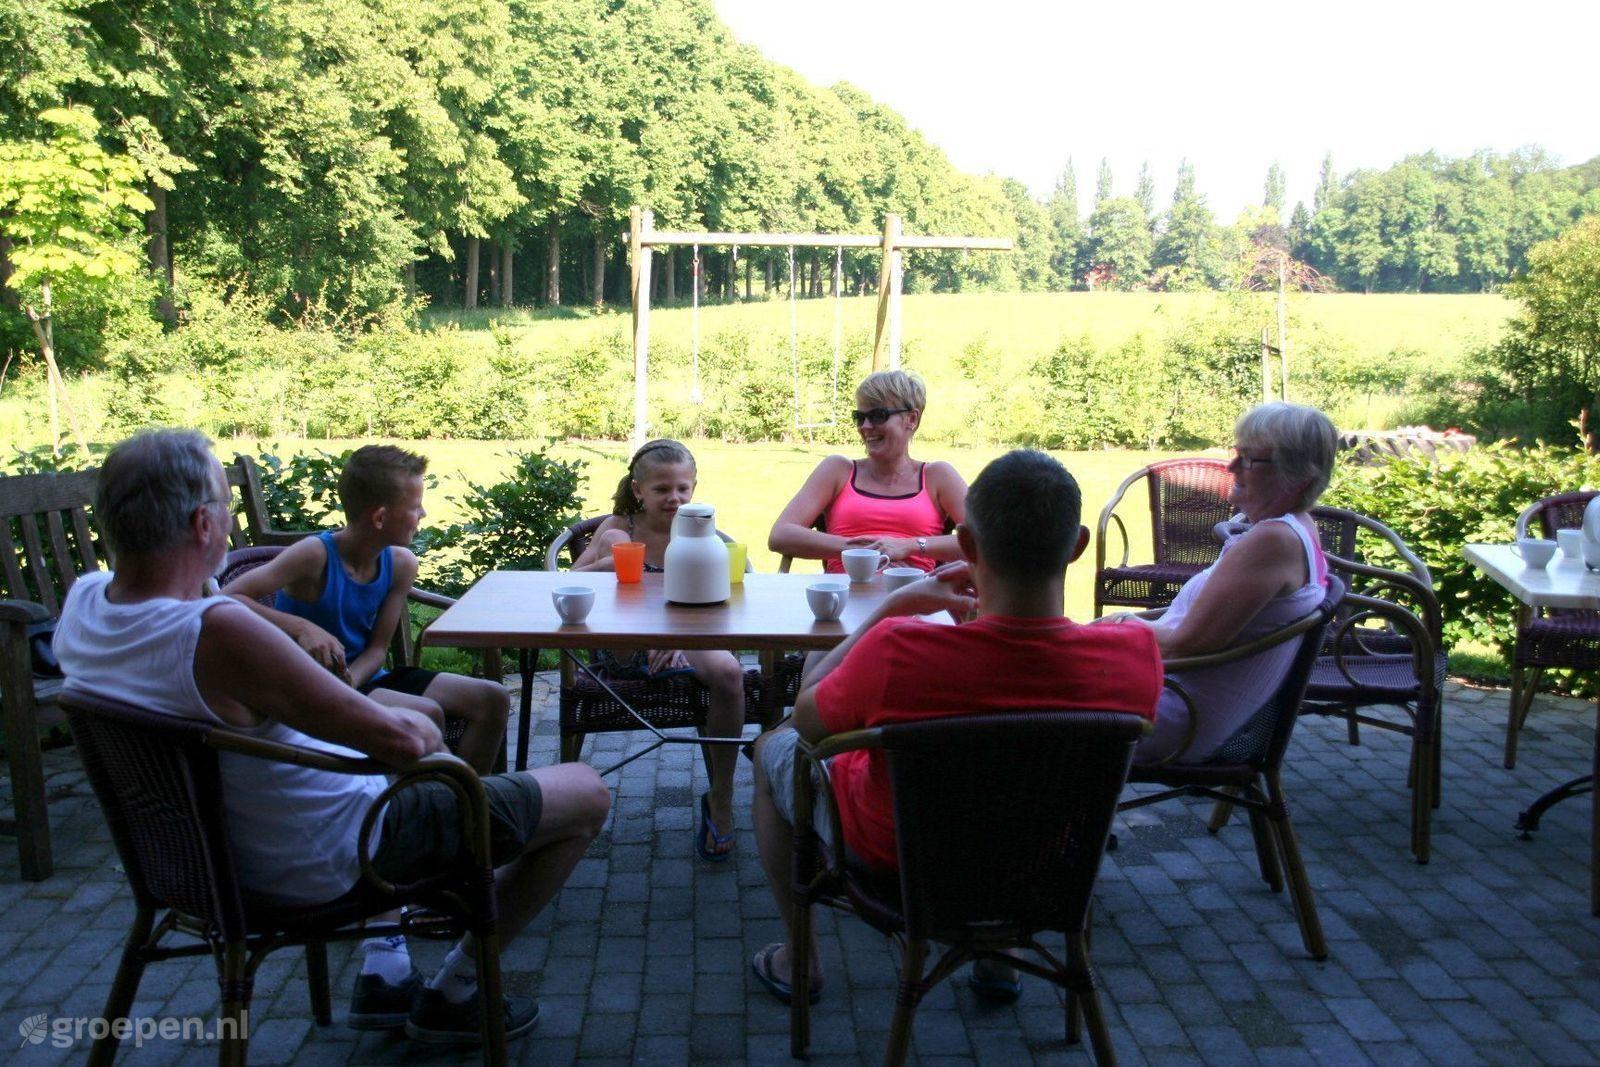 Group accommodation Rekken